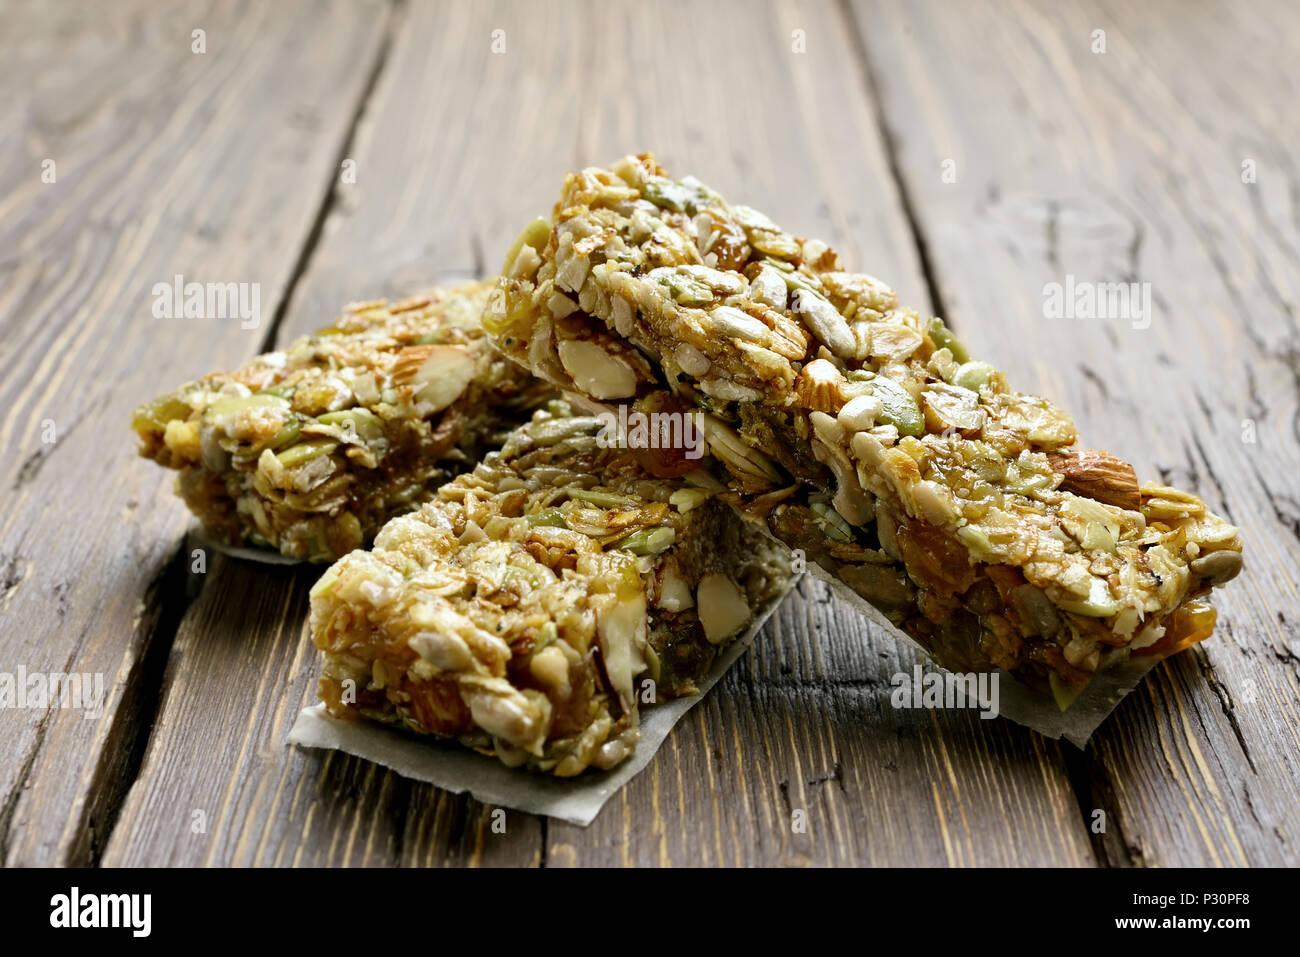 Barras de granola snack saludable de energía sobre fondo de madera. Vista cercana Imagen De Stock